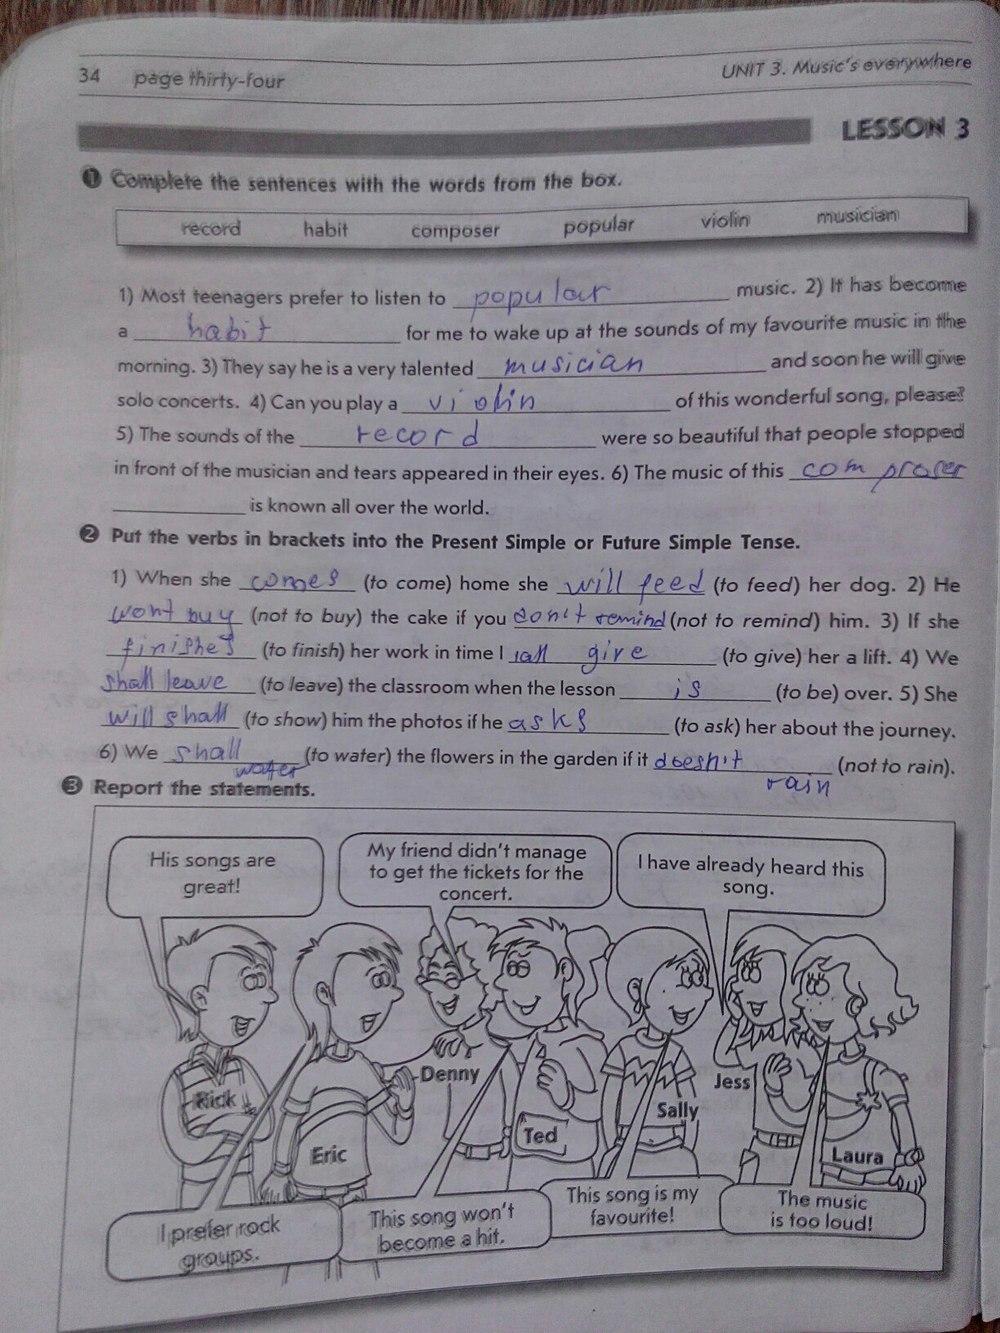 ГДЗ відповіді робочий зошит по английскому языку 8 класс О.М. Павліченко. Задание: стр. 34